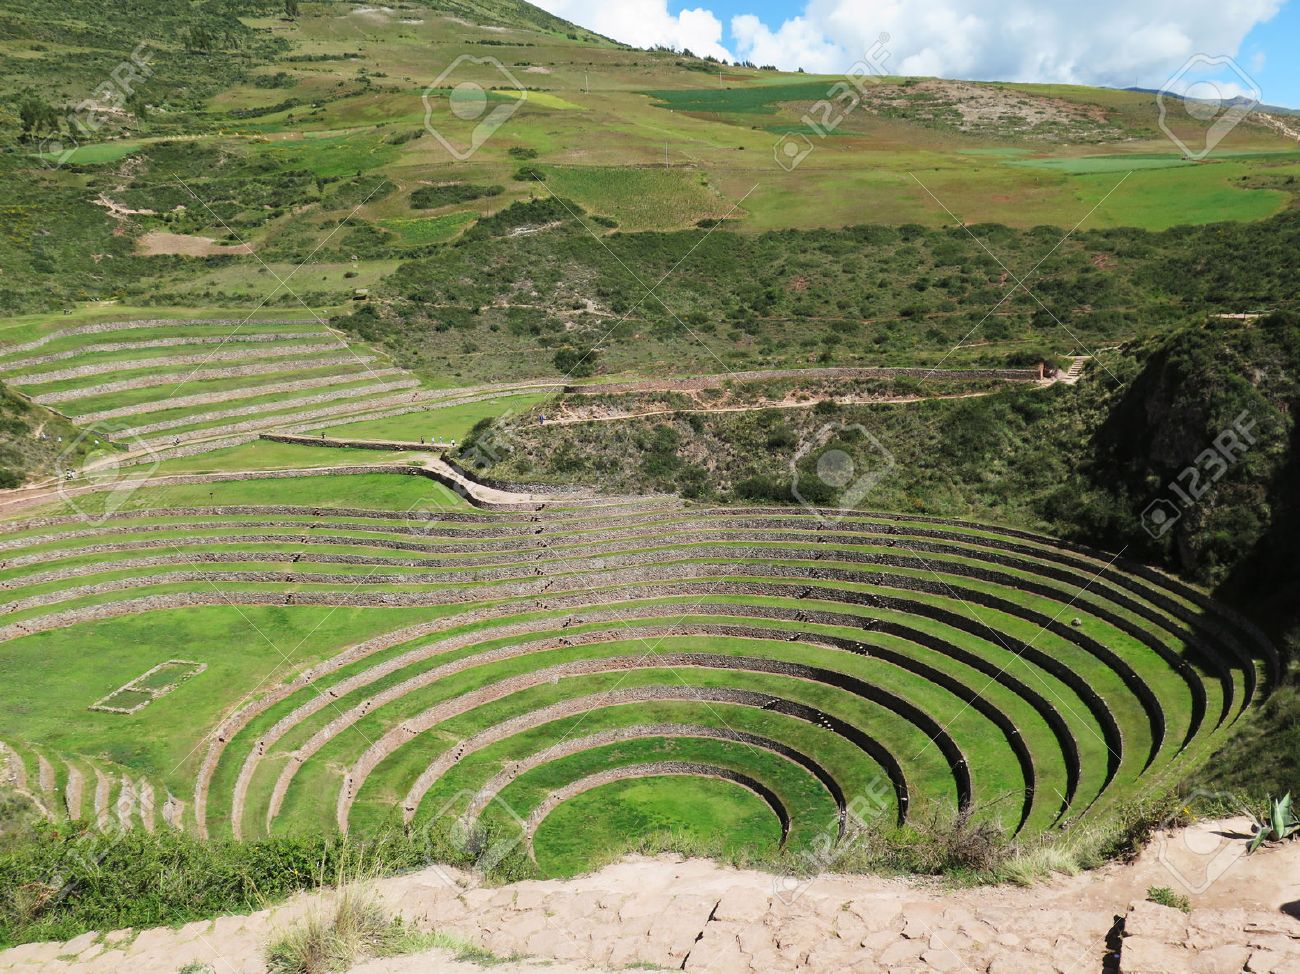 Perú Moray Antiguas Terrazas Circulares Inca Probable Es El Laboratorio De Agricultura Incas Valle Sagrado Cusco